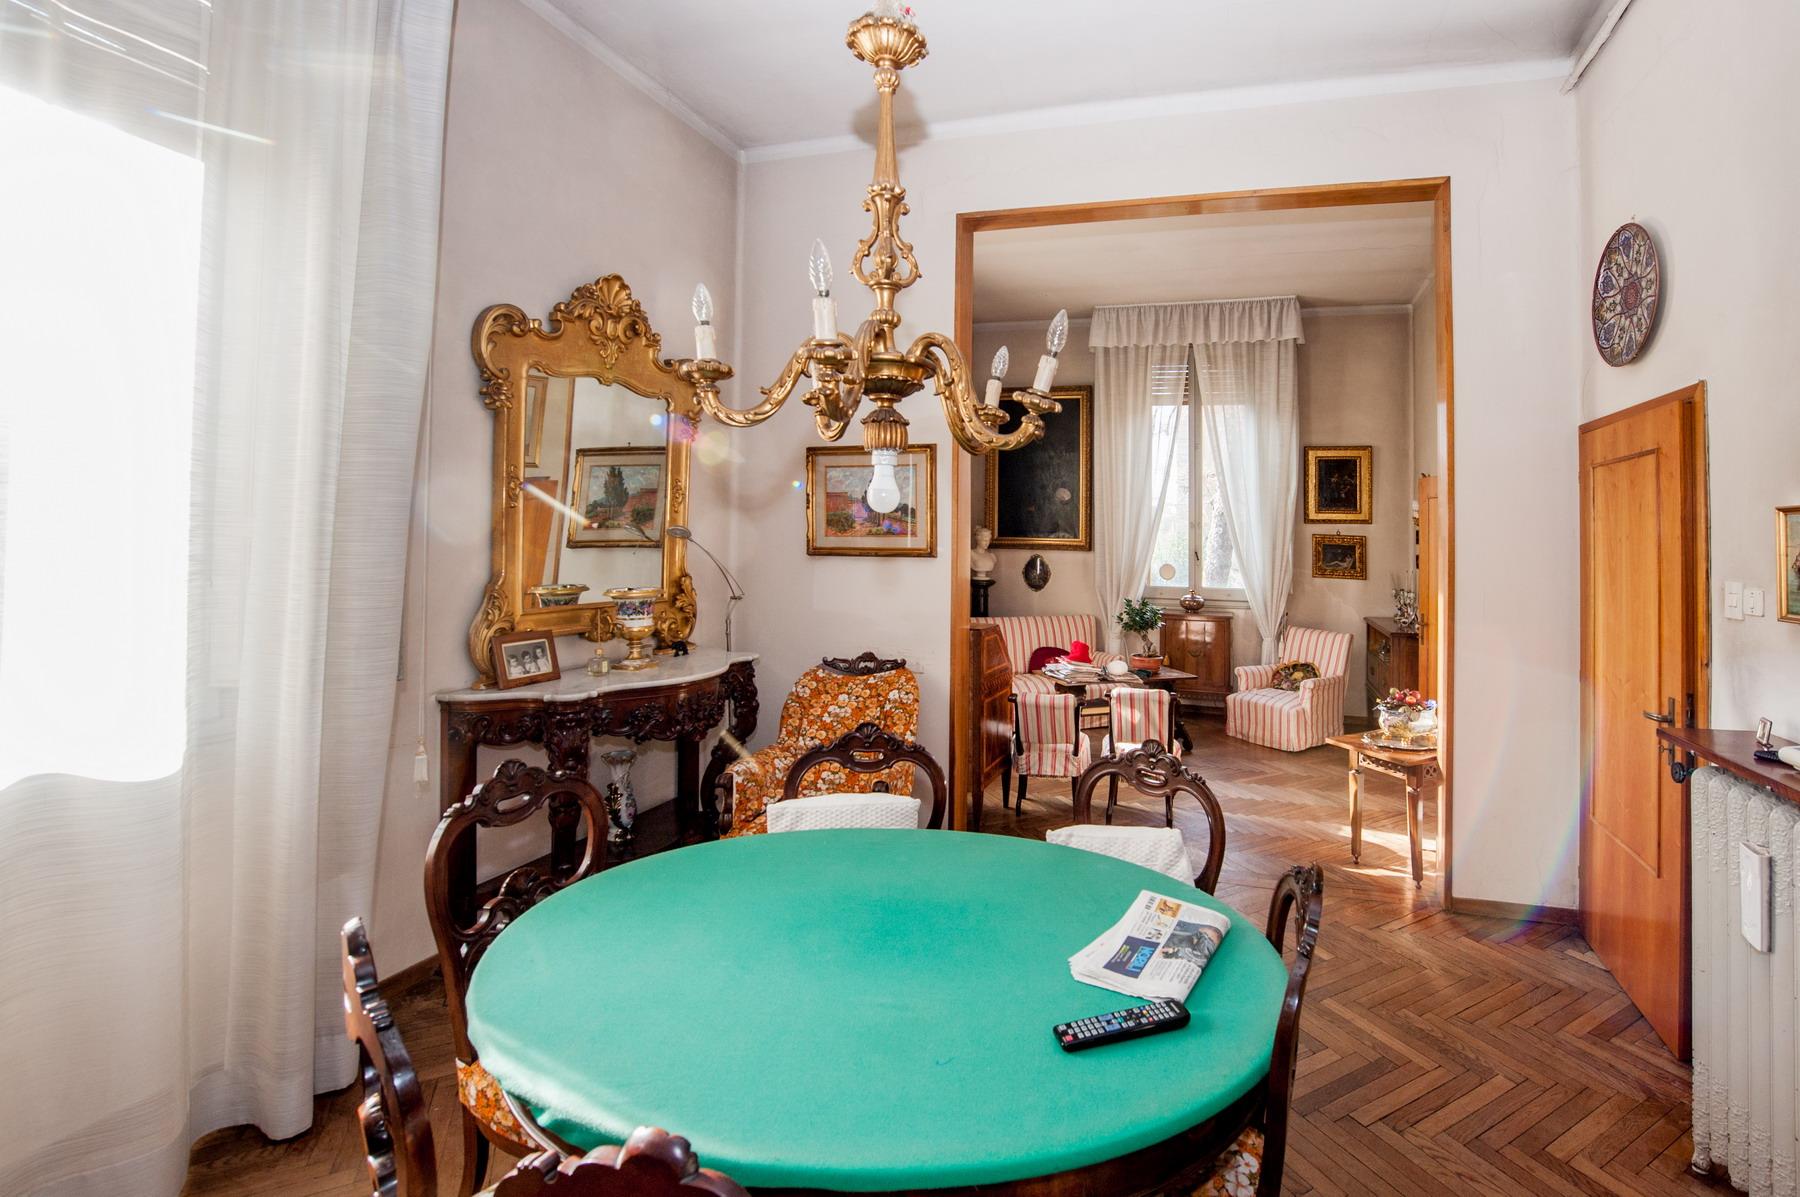 Viale Aldini villa bifamiliare con giardino e garage 780.000